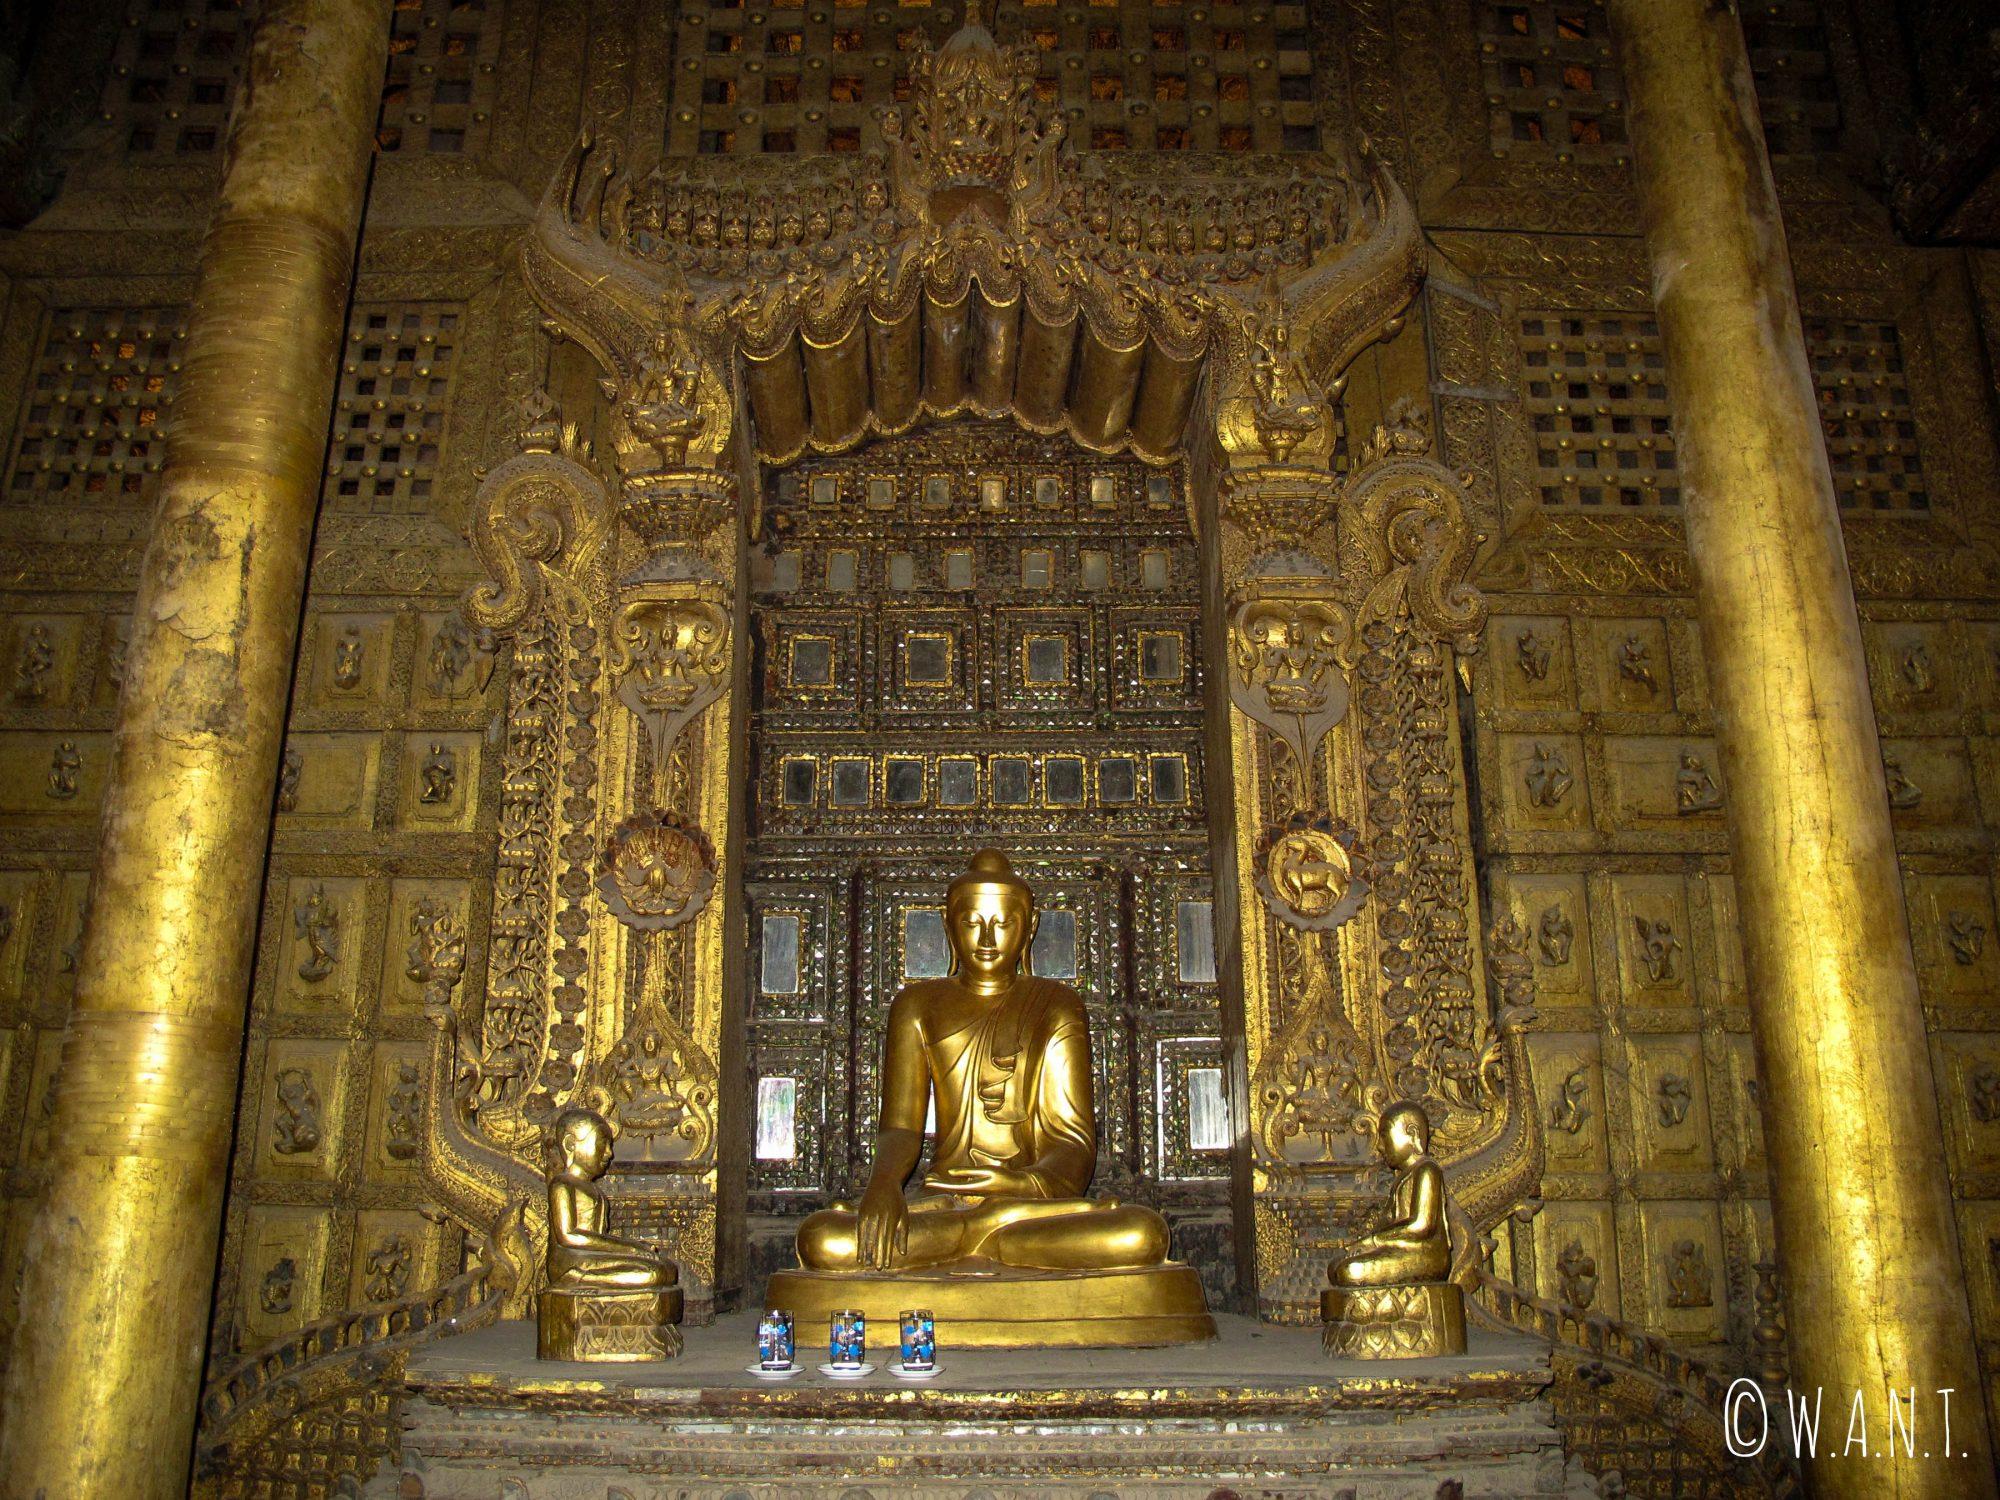 Représentation de Bouddha à l'intérieur du monastère Shwenandaw